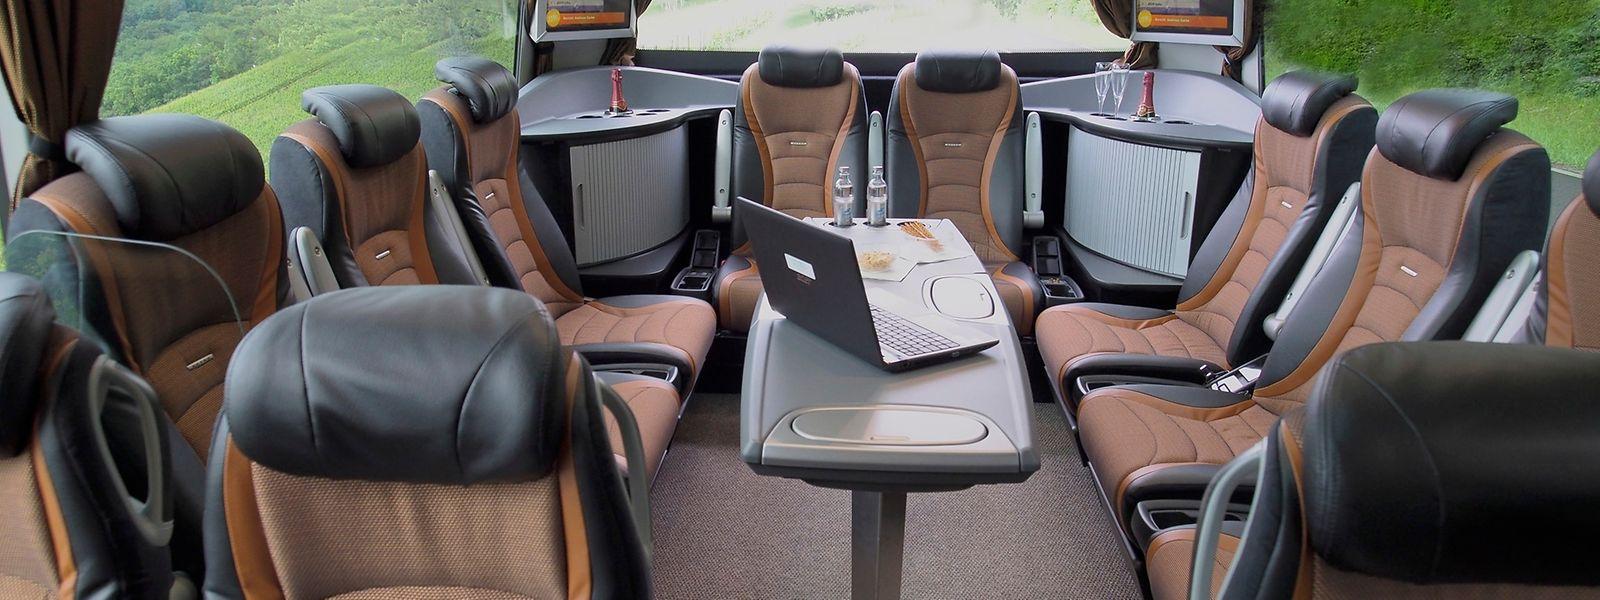 Aussi beaux soient-ils, les autobus luxembourgeois ont plus connu les dépôts que les routes ces derniers mois.